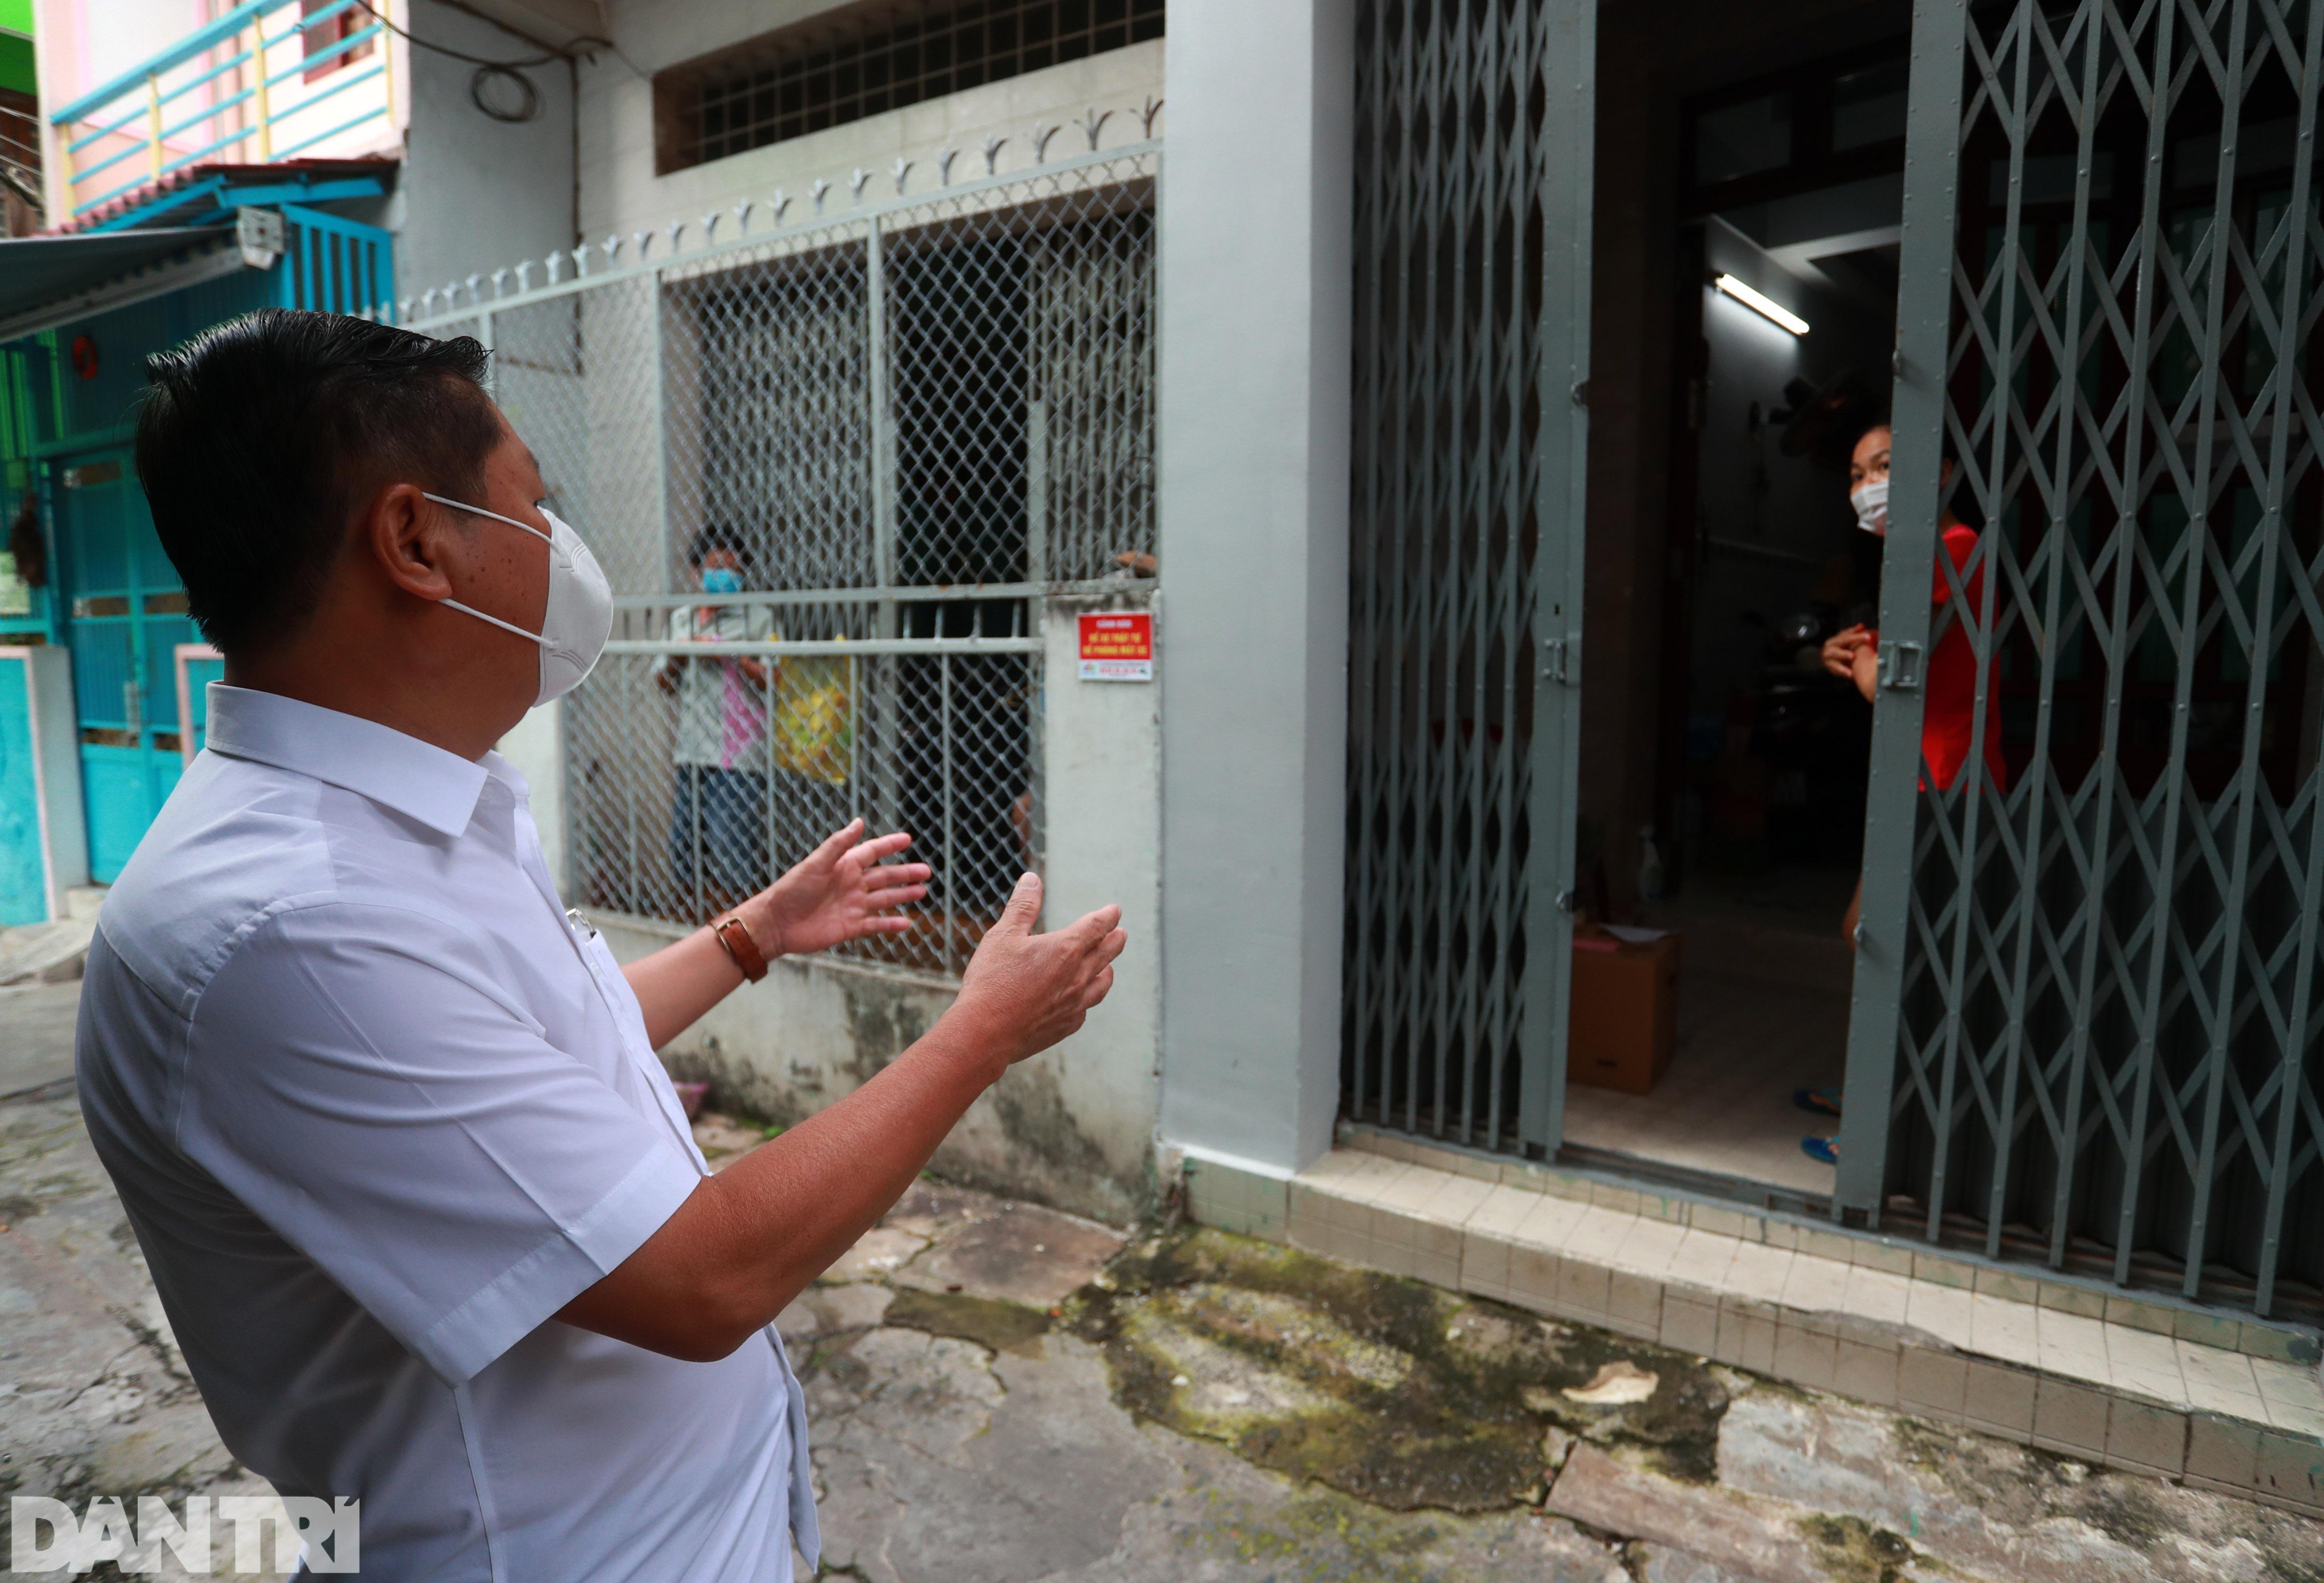 Thứ trưởng Bộ LĐ-TBXH thị sát đời sống người dân tại TPHCM - 3